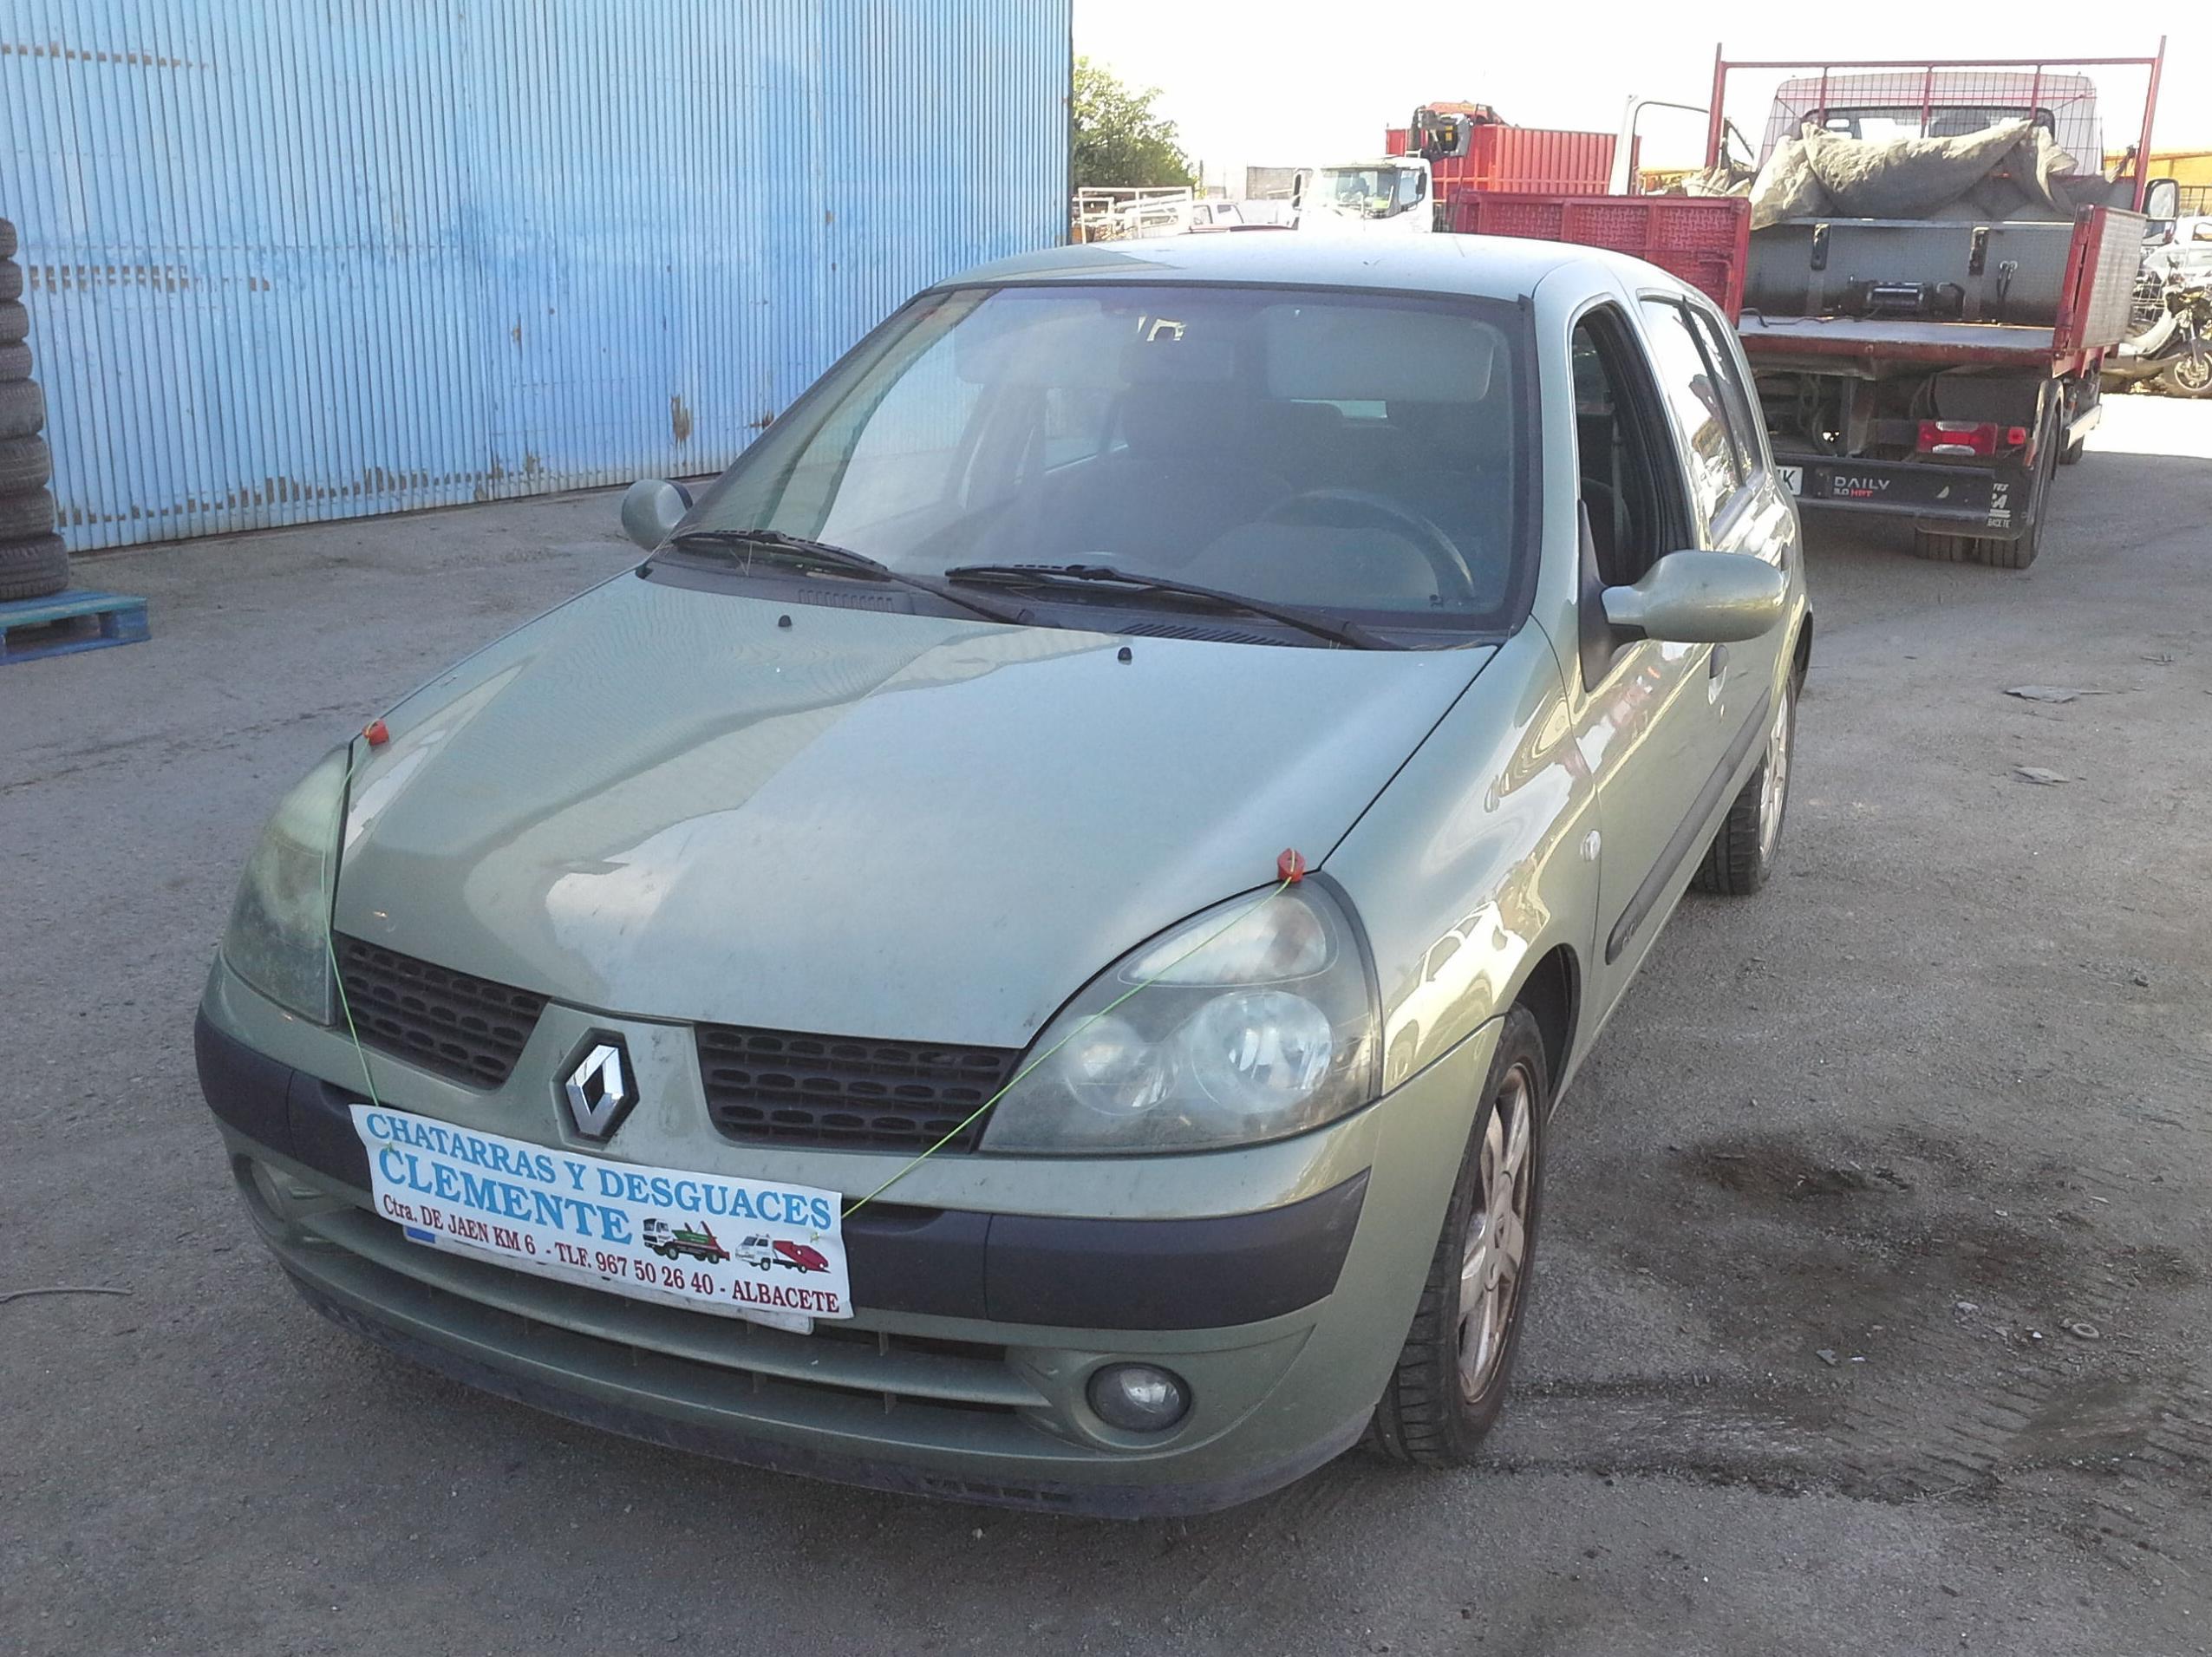 Renault Clio 2003 en Desguaces Clemente de Albacete